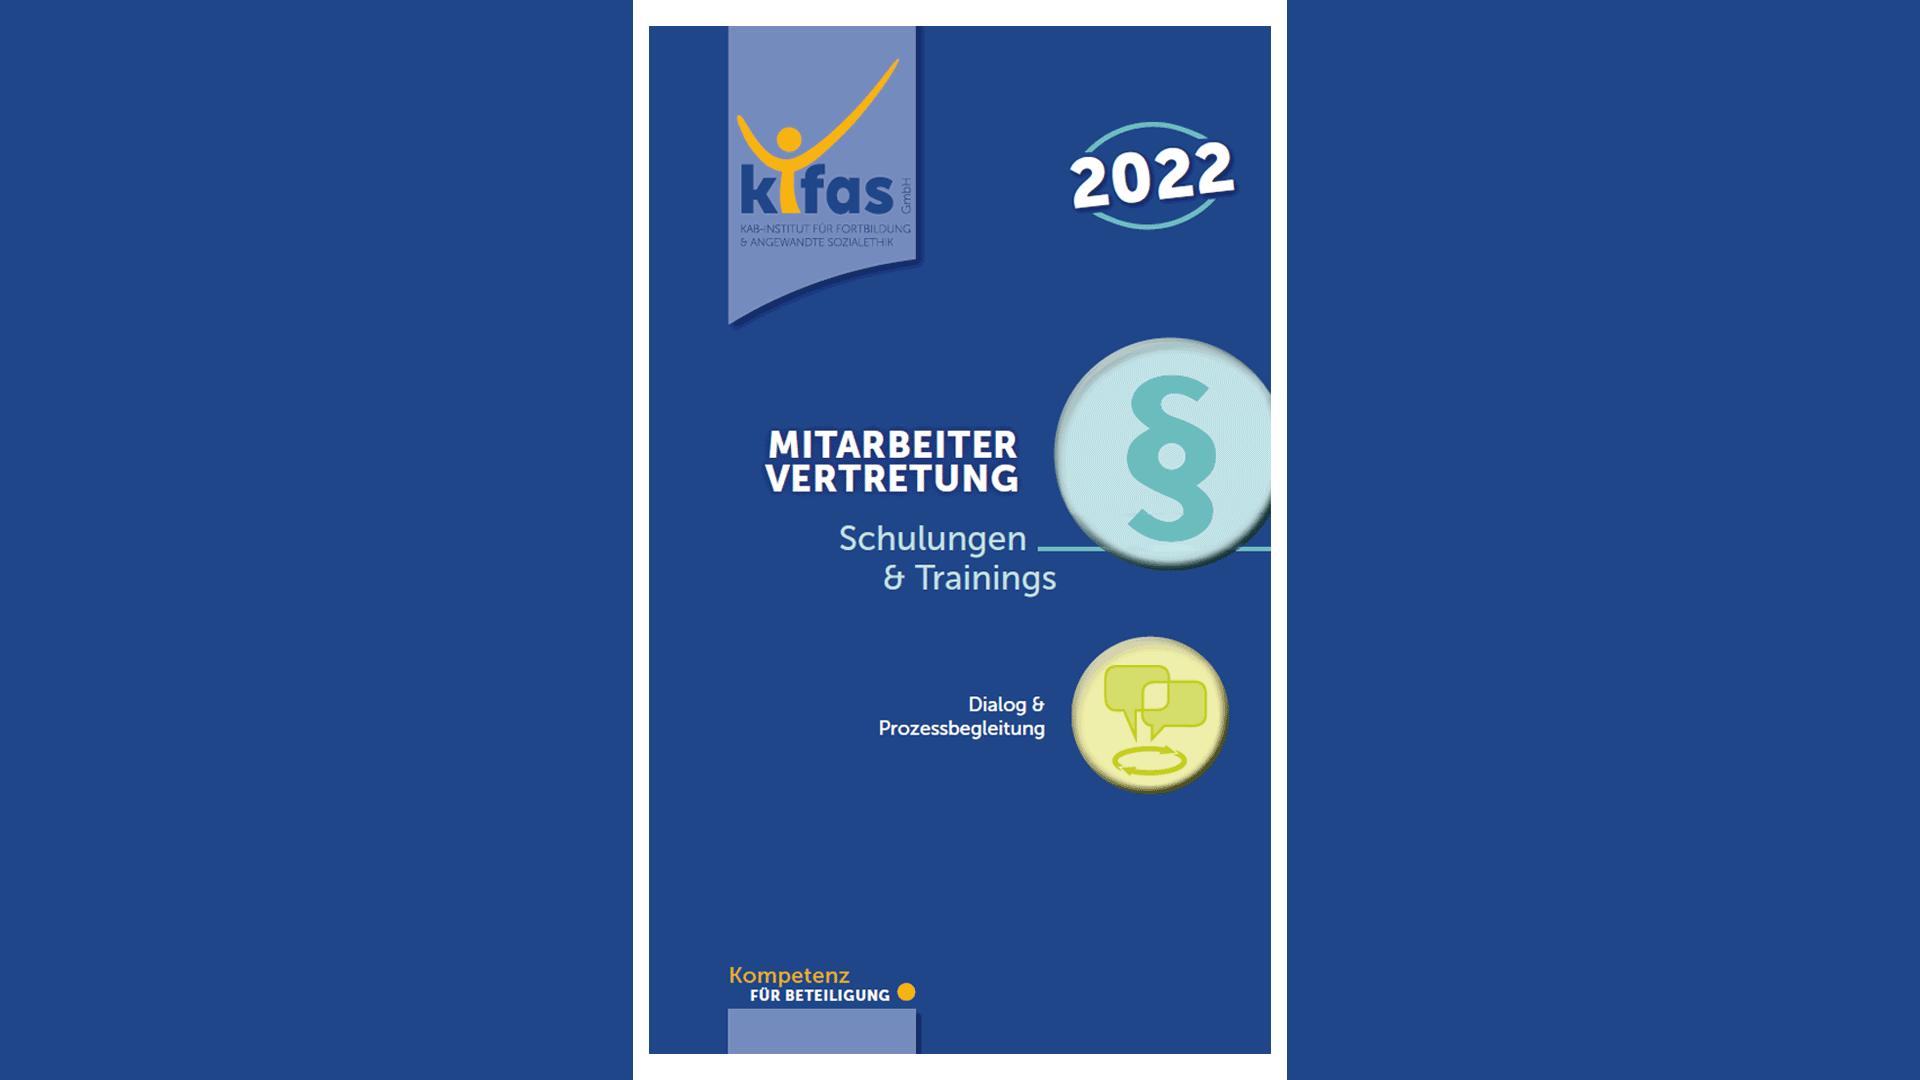 1. Schulungen & Trainings für Mitarbeitervertretung 2022 - kifas GmbH